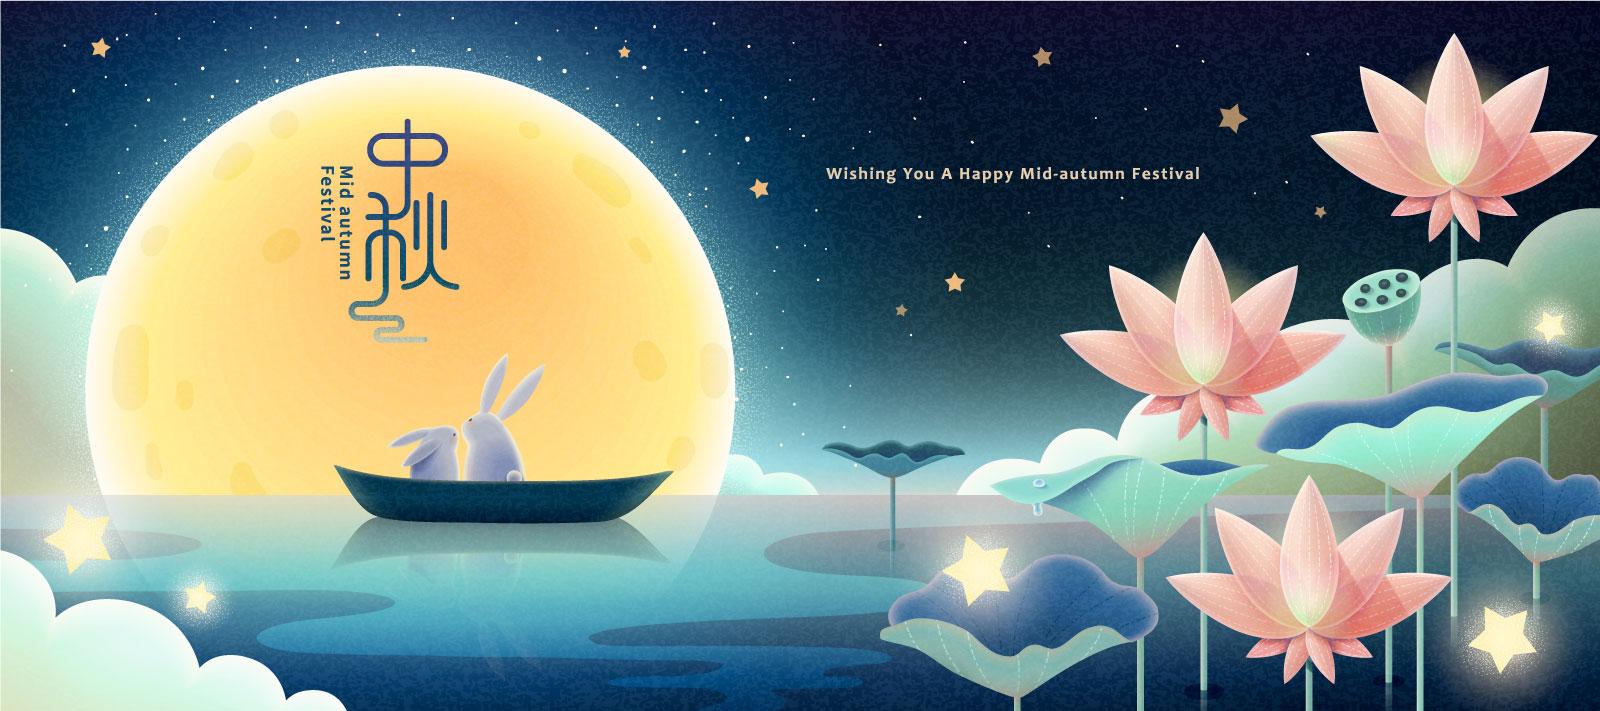 38款中国风中秋节主视觉海报插画AI广告设计素材源文件 Mid Autumn Festival Vector Pattern插图(22)